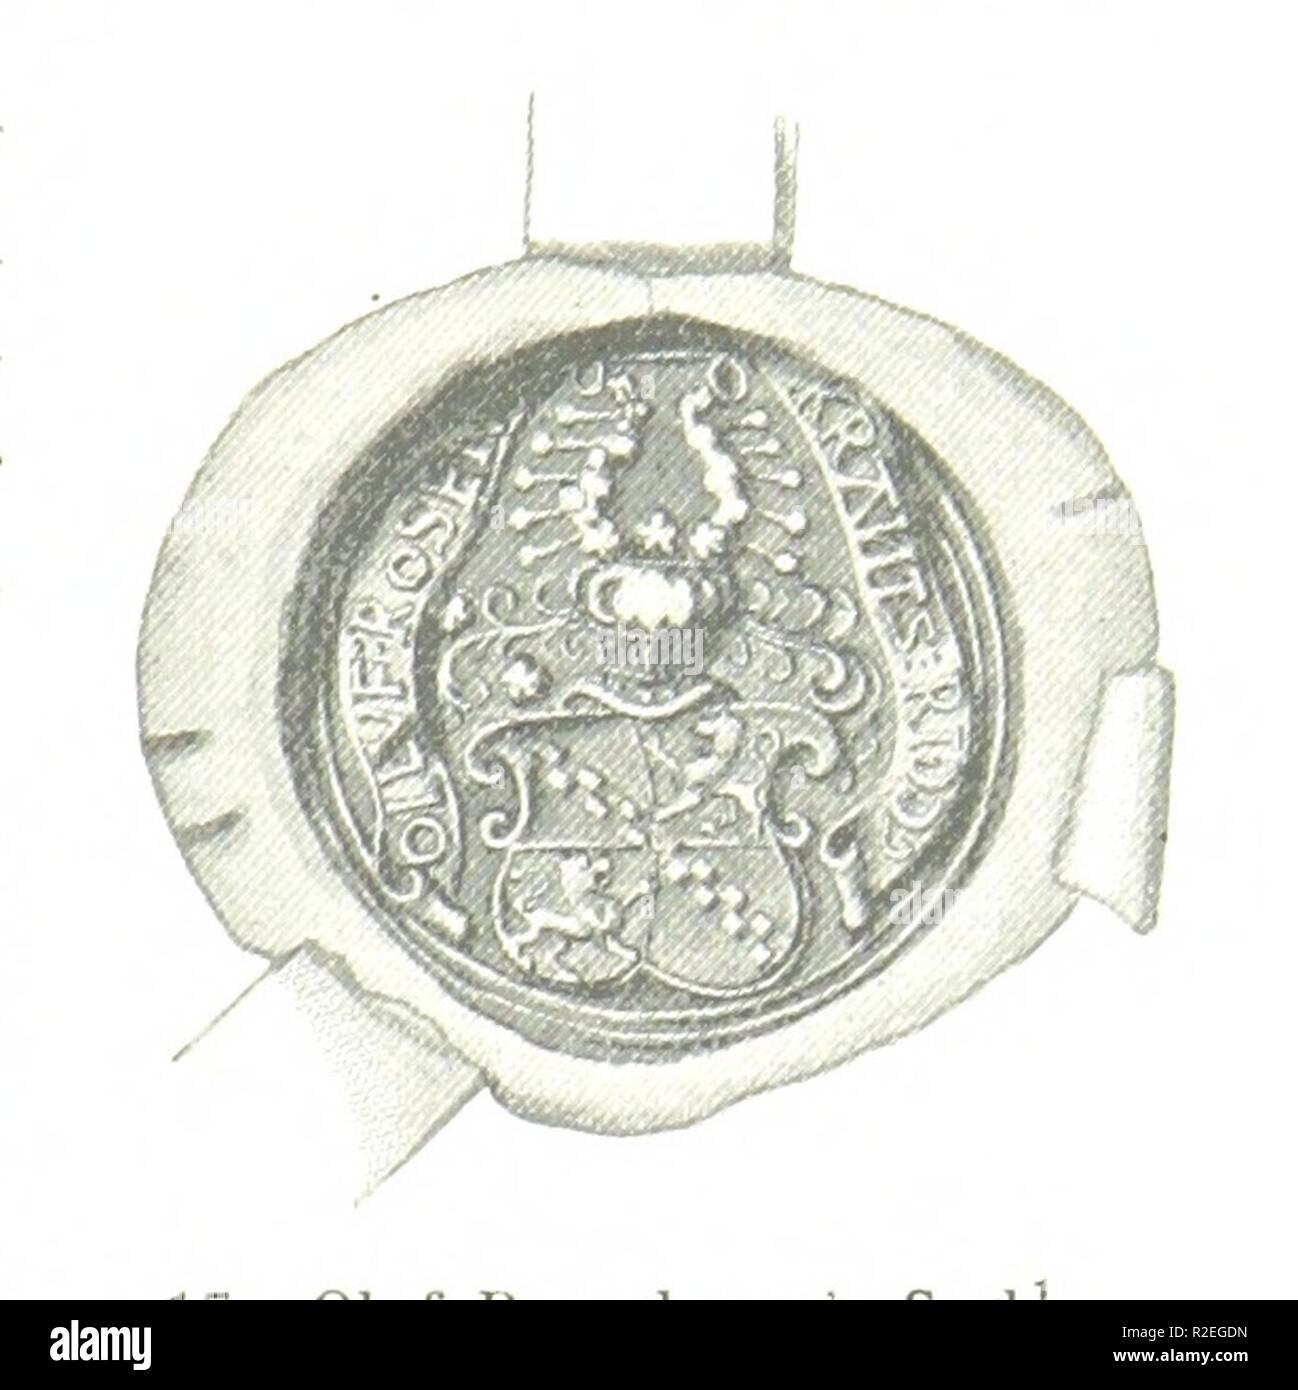 page 473 of 'Danmarks Riges Historie af J. Steenstrup, Kr. Erslev, A. Heise, V. Mollerup, J. A. Fridericia, E. Holm, A. D. Jørgensen. Historisk illustreret' . - Stock Image